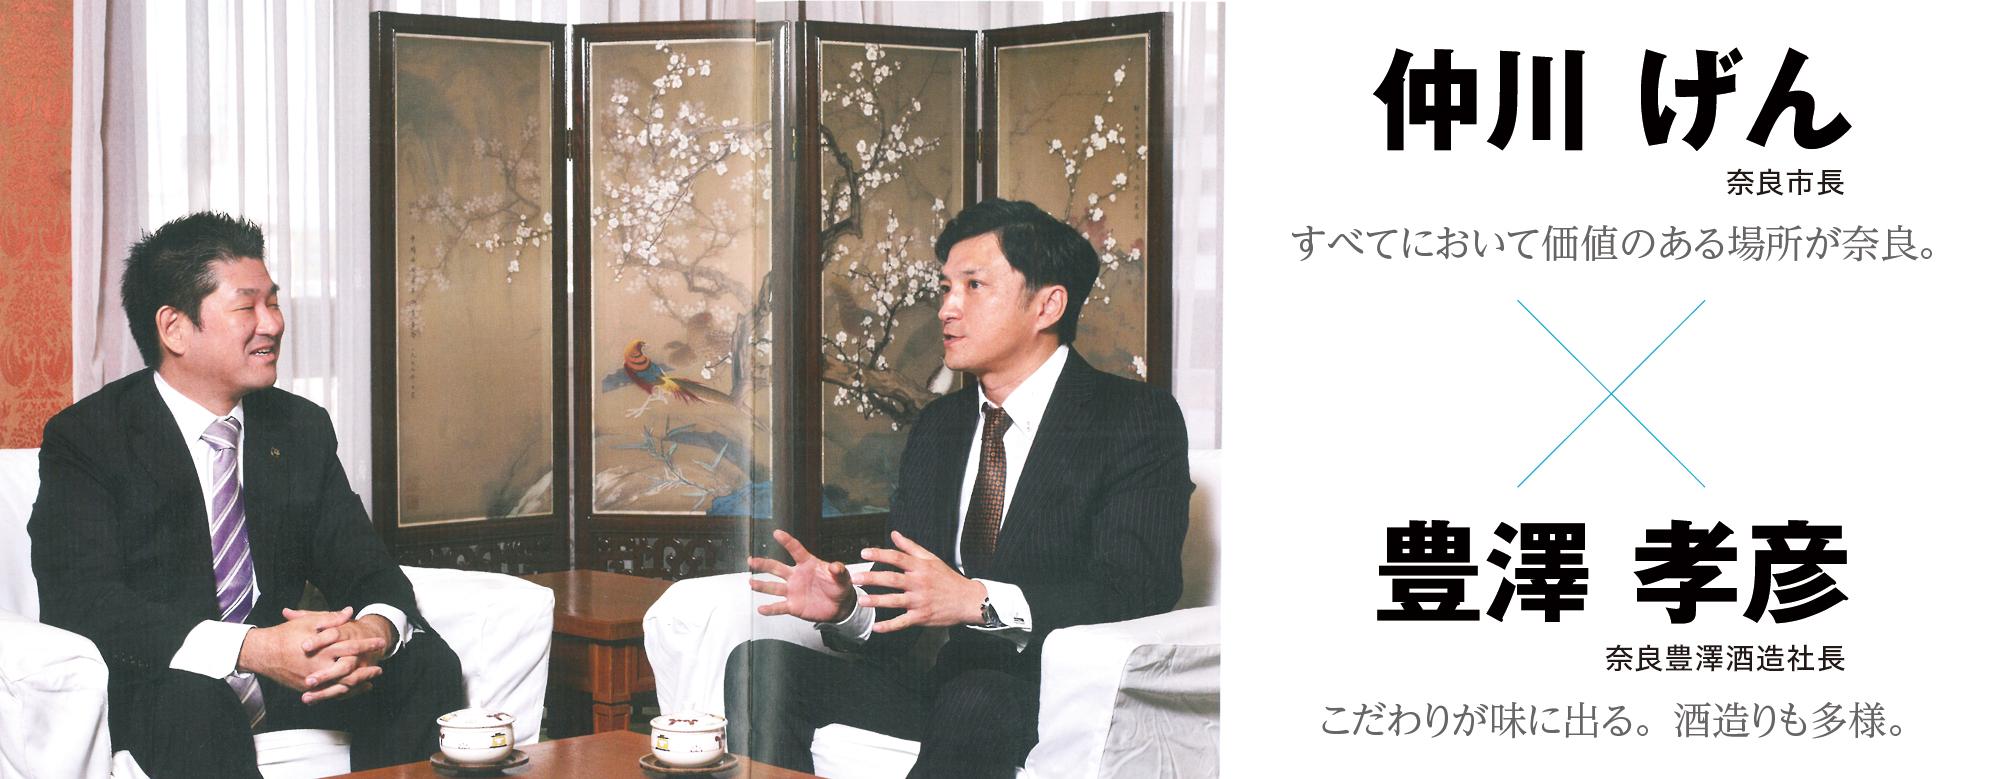 メディア掲載:「奈良豊澤酒造 ...